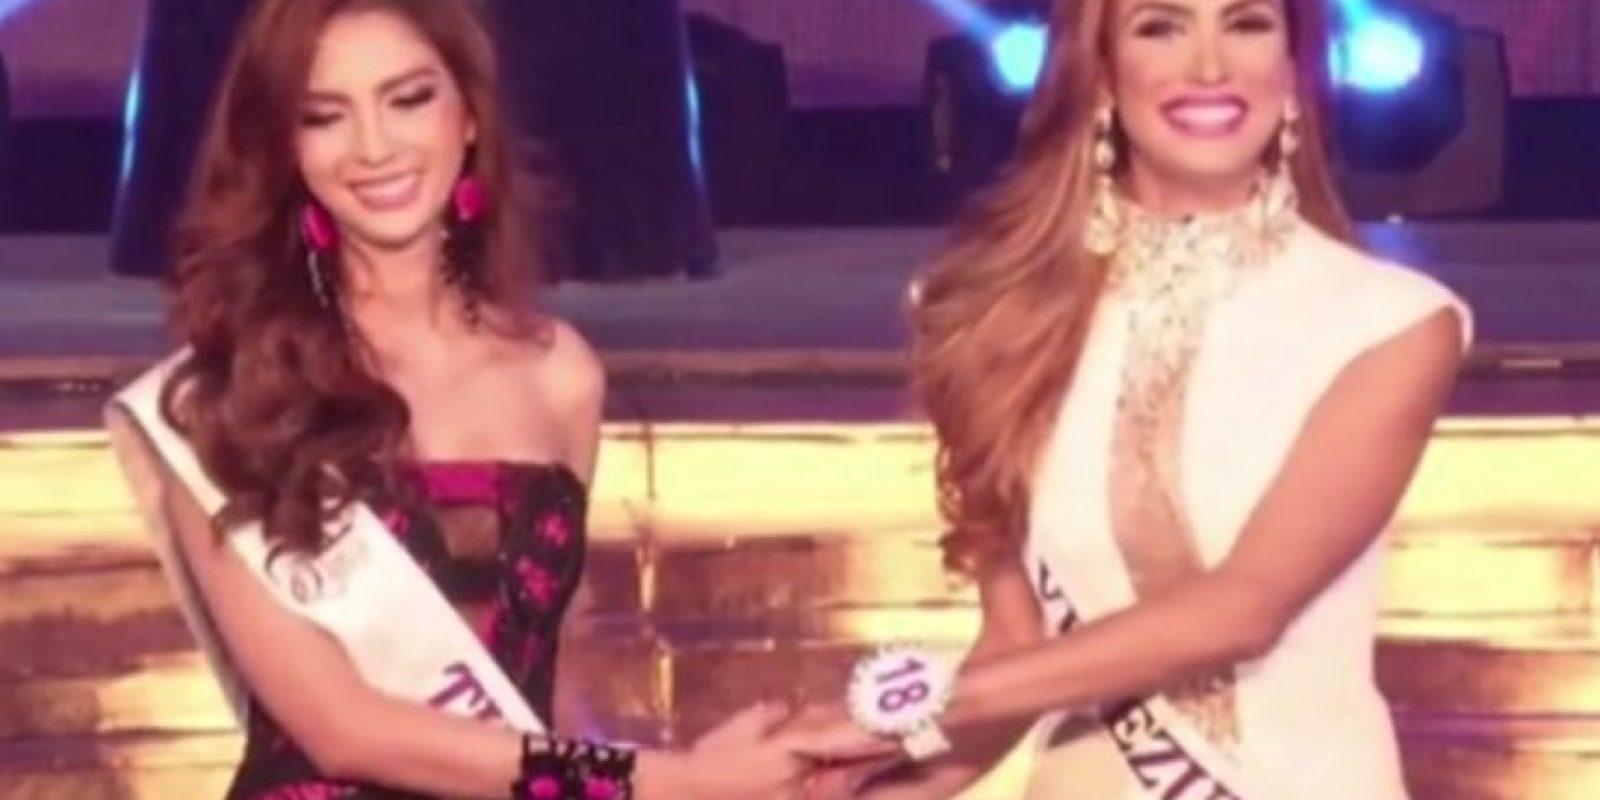 Esta venezolana transexual también ganó un concurso de belleza.